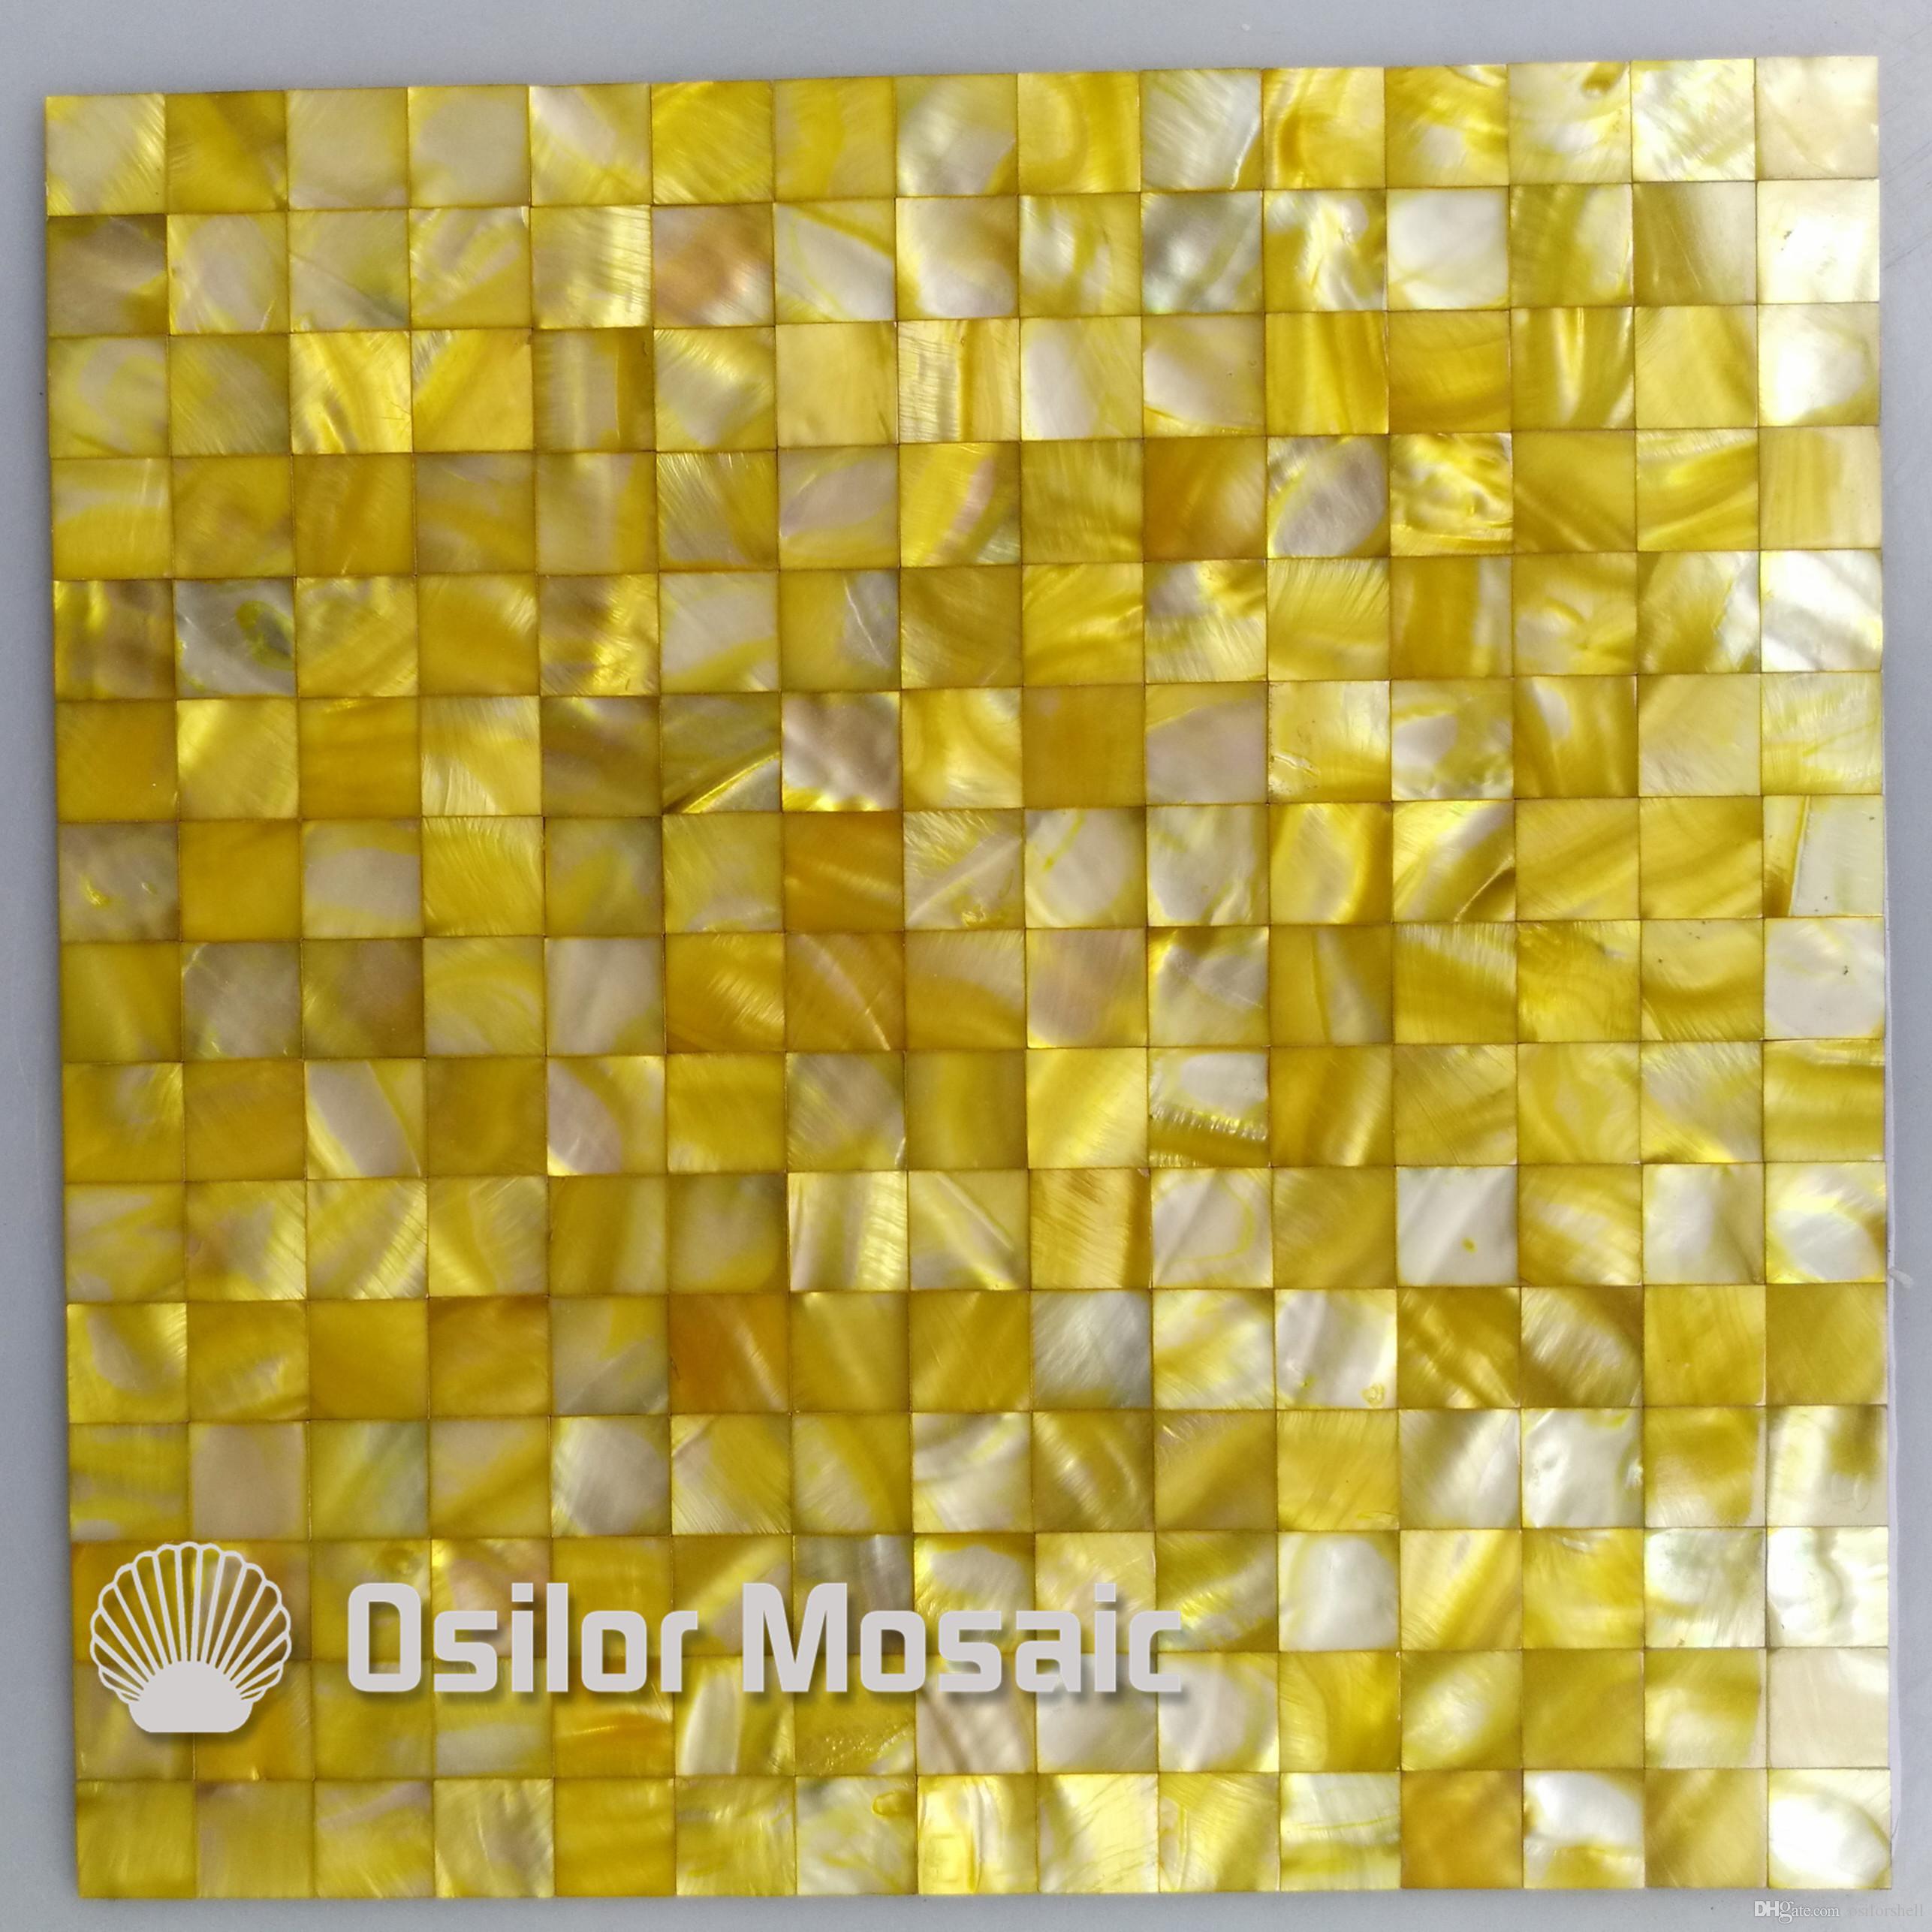 Come Decorare Piastrelle Cucina acquista tessere di mosaico giallo madreperla la decorazione di interni  casa cucina e piastrelle del bagno piastrelle di mosaico di guscio senza